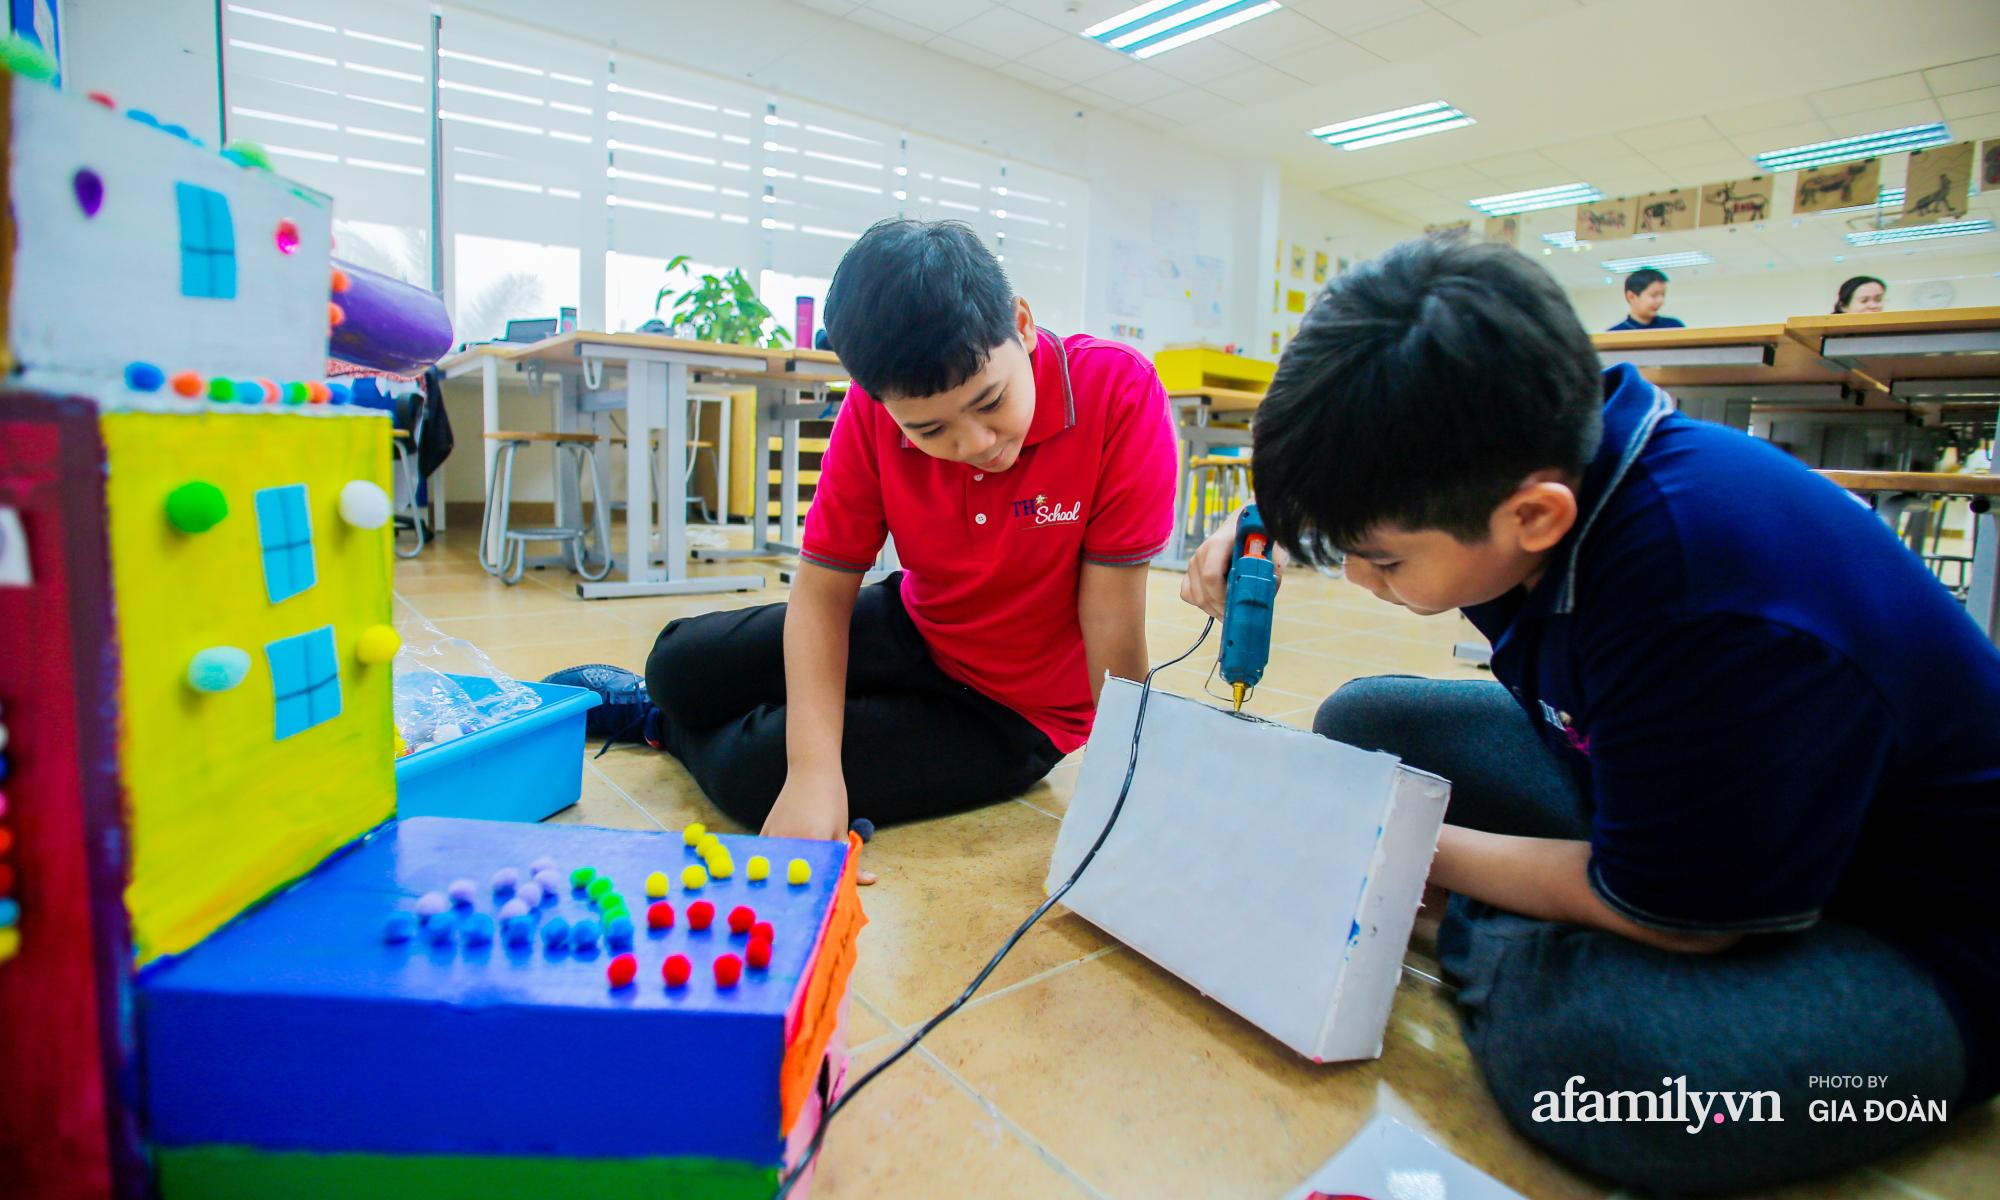 """""""Đột nhập"""" trường nội trú chuẩn quốc tế ở Hà Nội: Học phí nửa tỷ đồng/năm, con đi học một thời gian mà thay đổi 180 độ - Ảnh 9."""